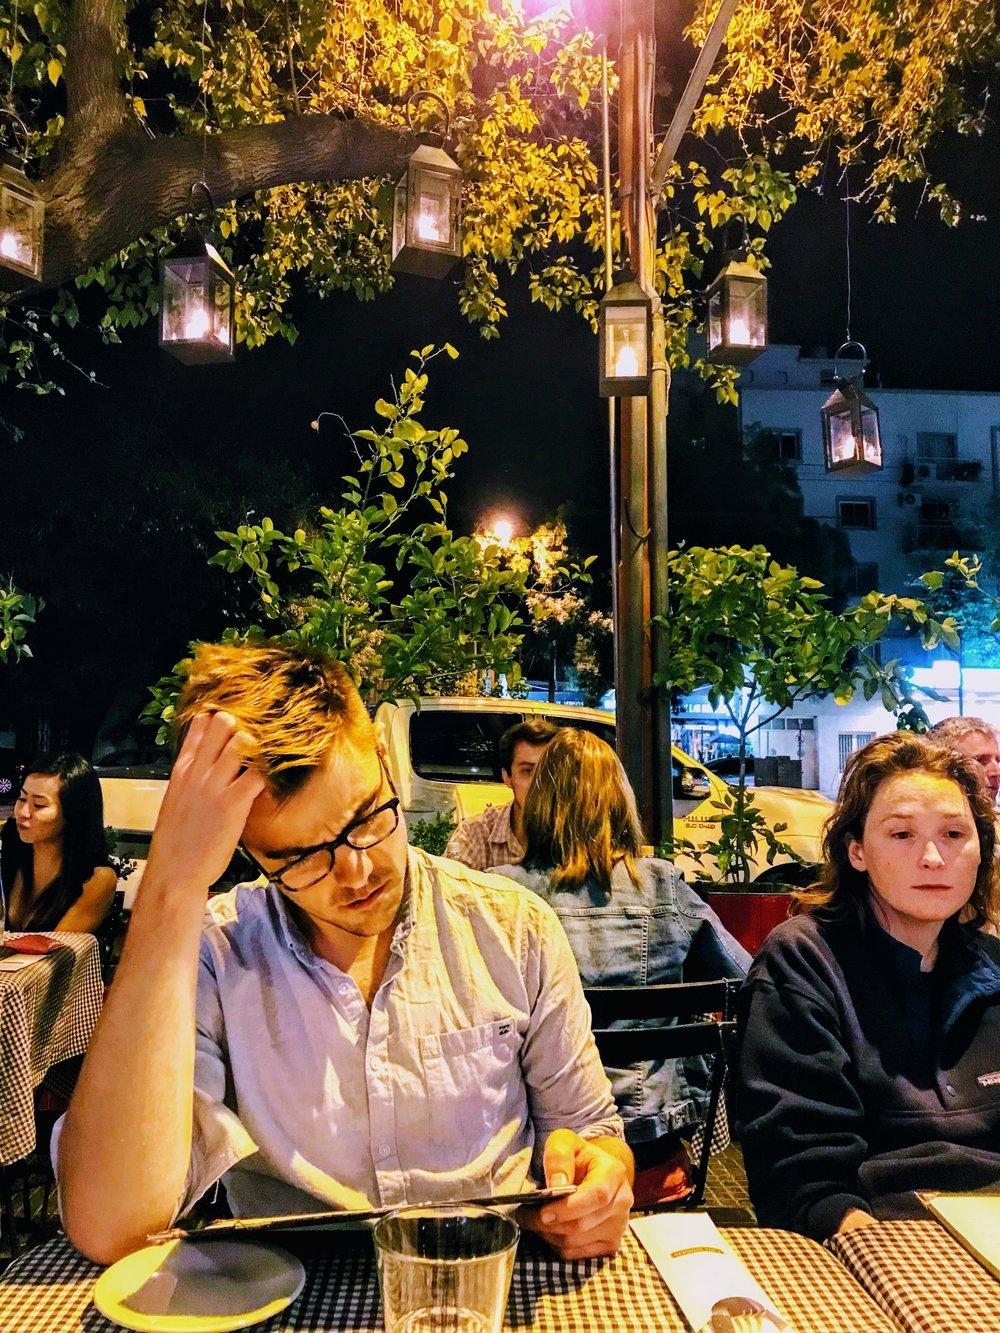 Dinner under the lights at Maria Antonieta